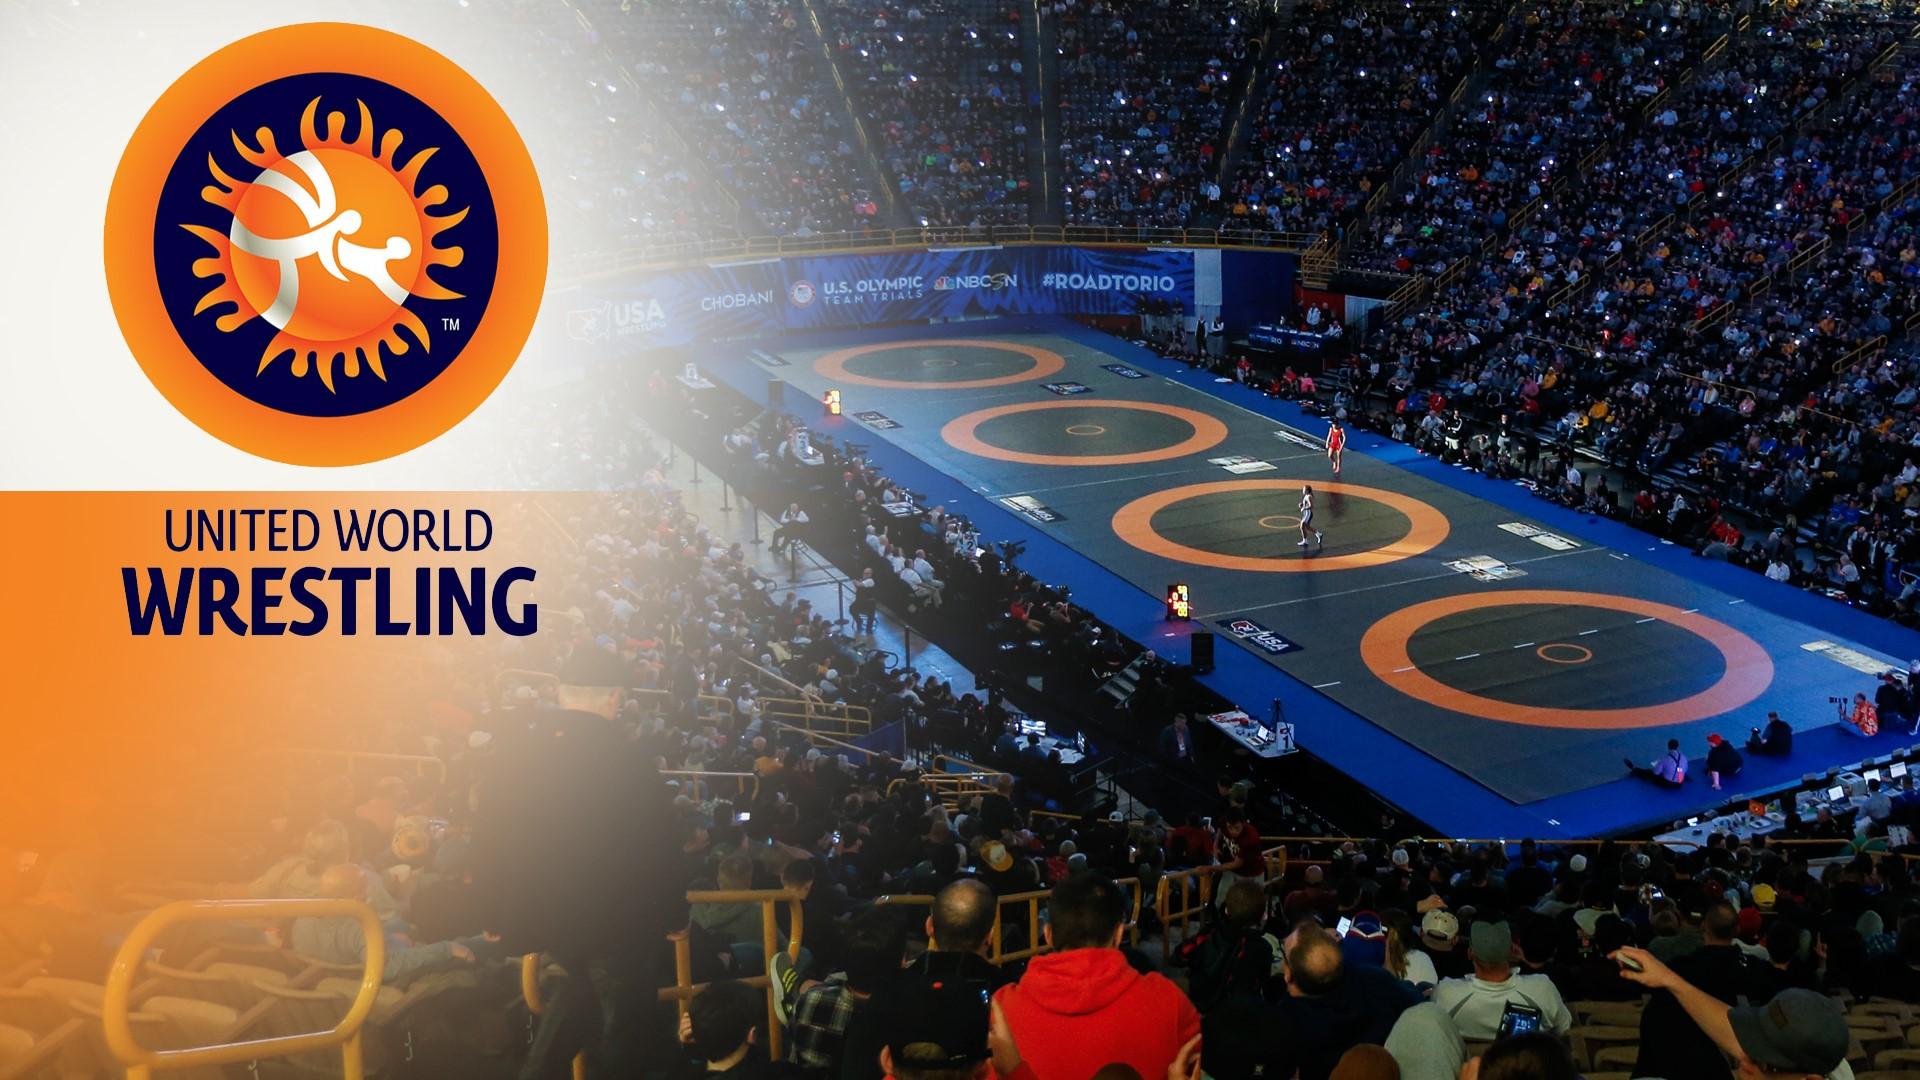 باشگاه خبرنگاران -اعلام برنامه رقابتهای کشتی در بازیهای المپیک ۲۰۲۰